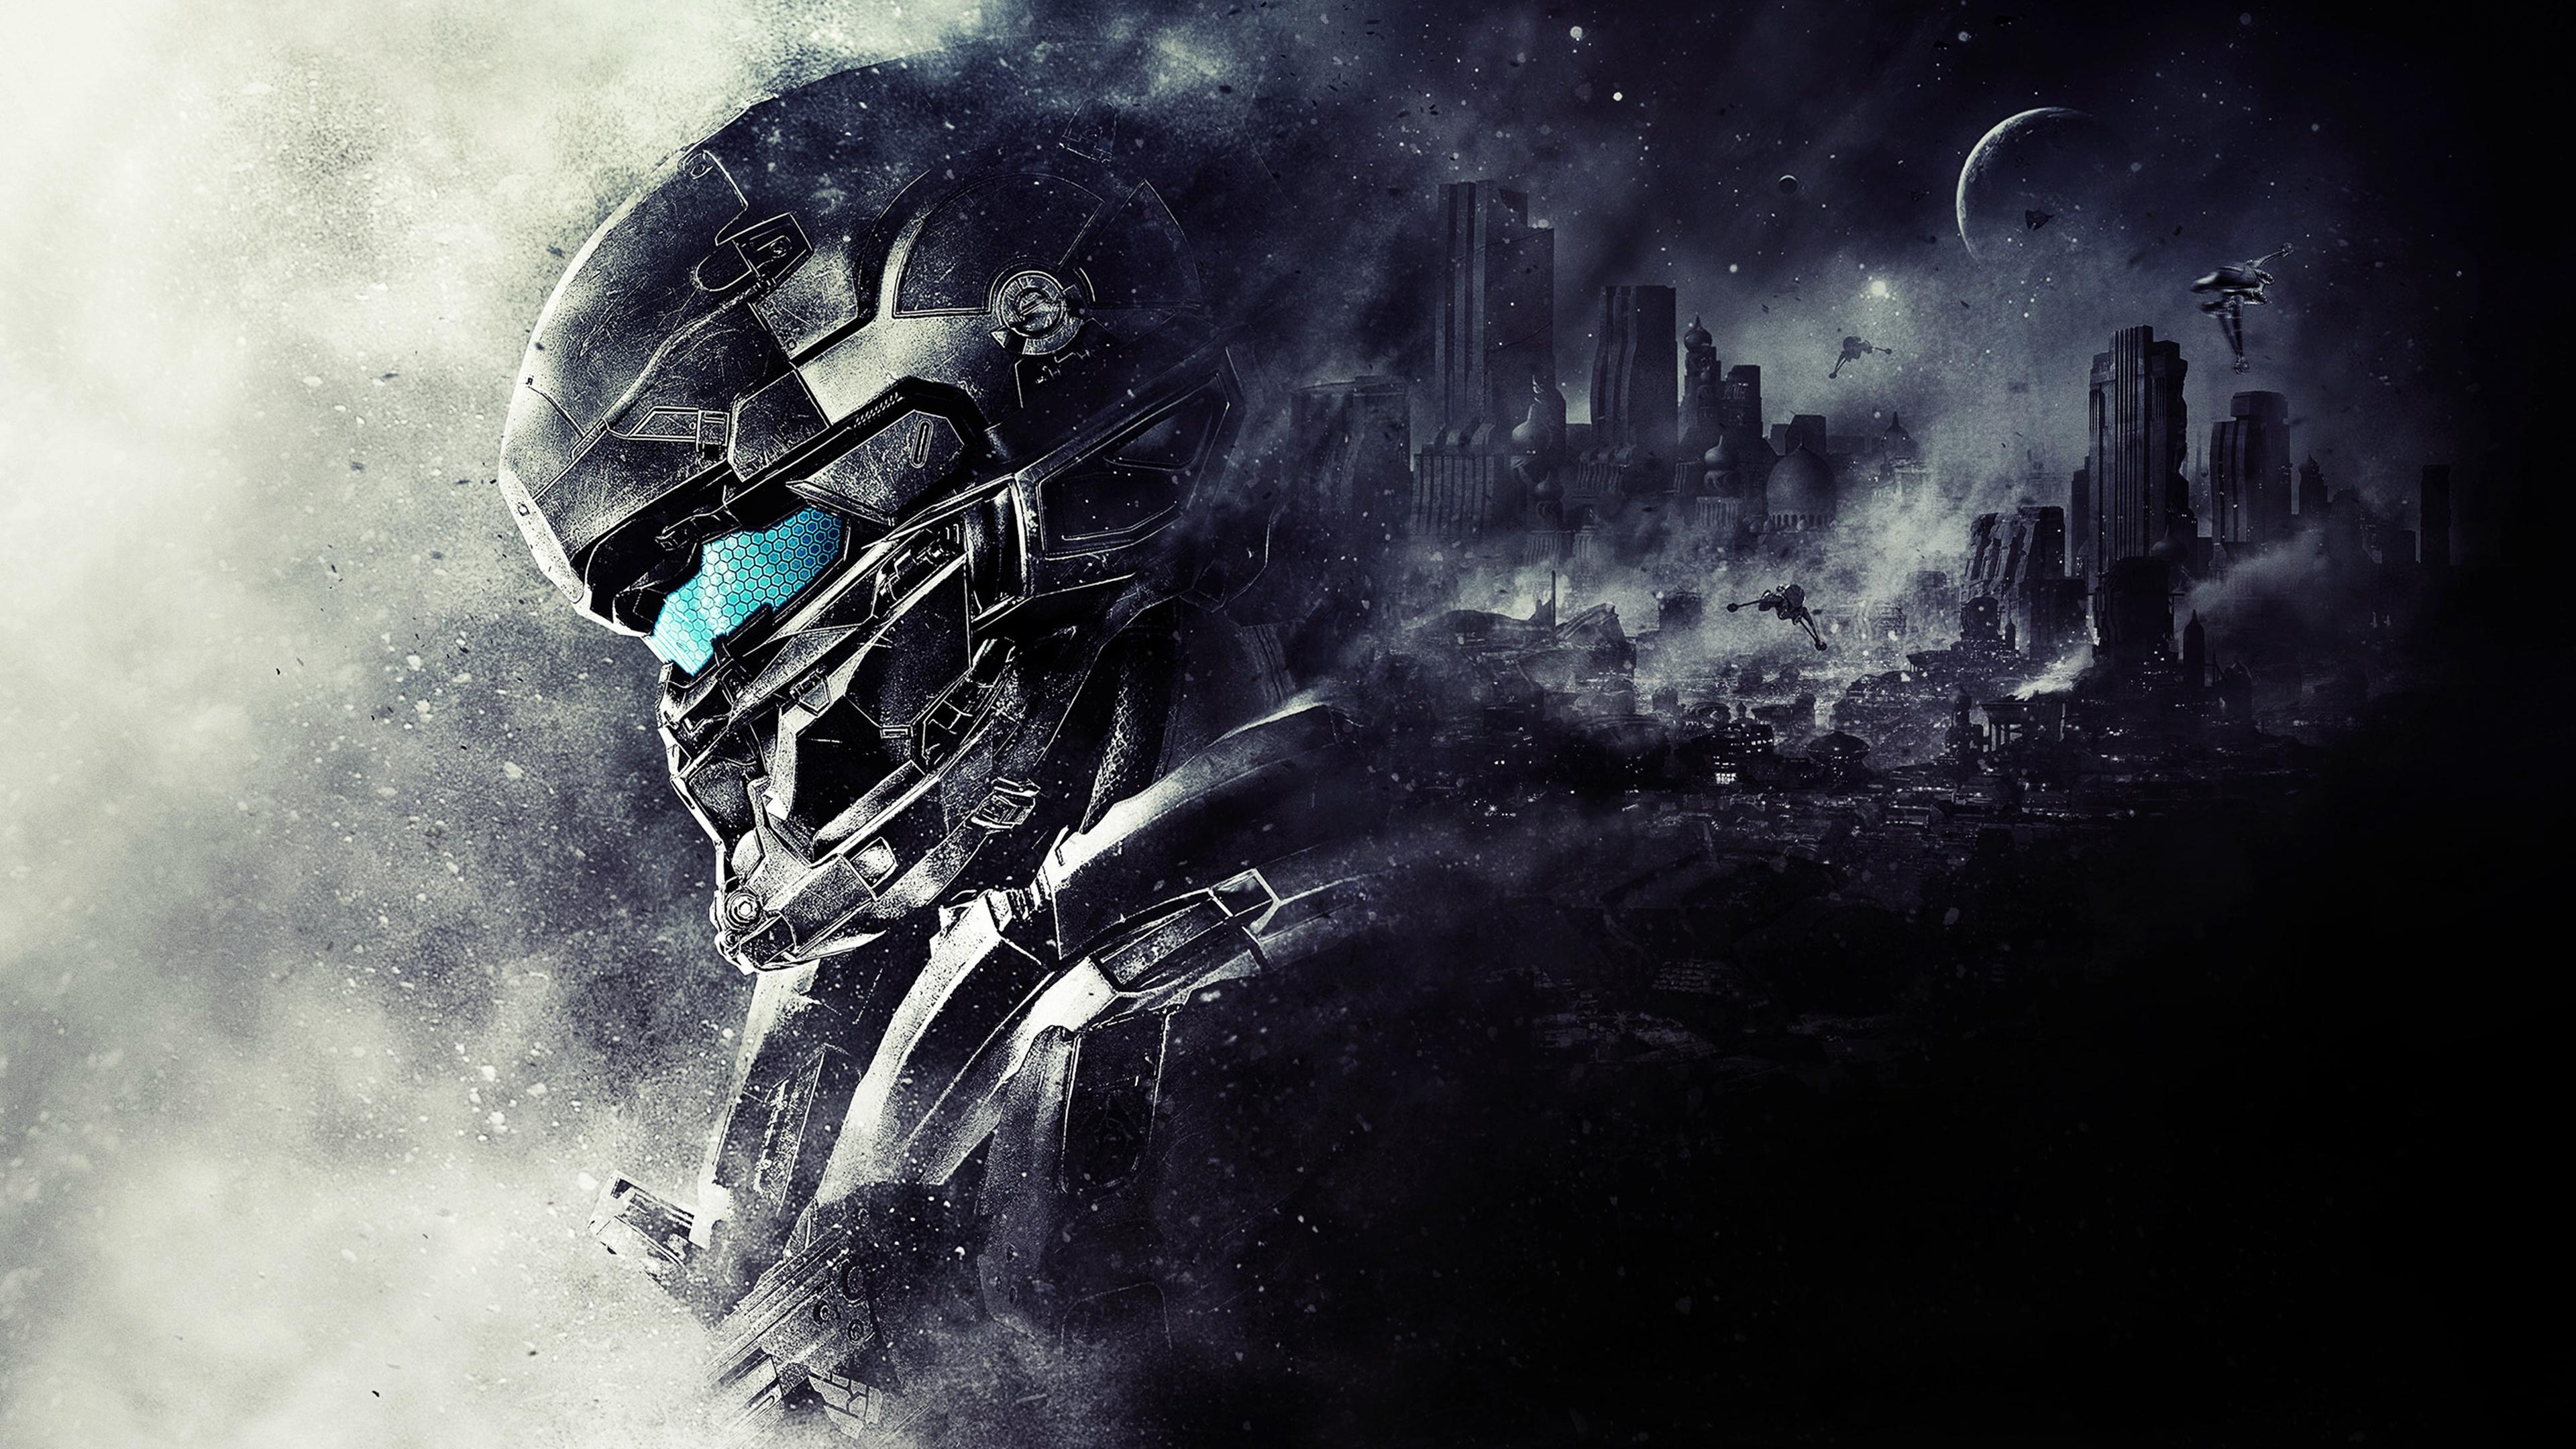 Halo 5 Guardians 4k Ultra HD Wallpaper